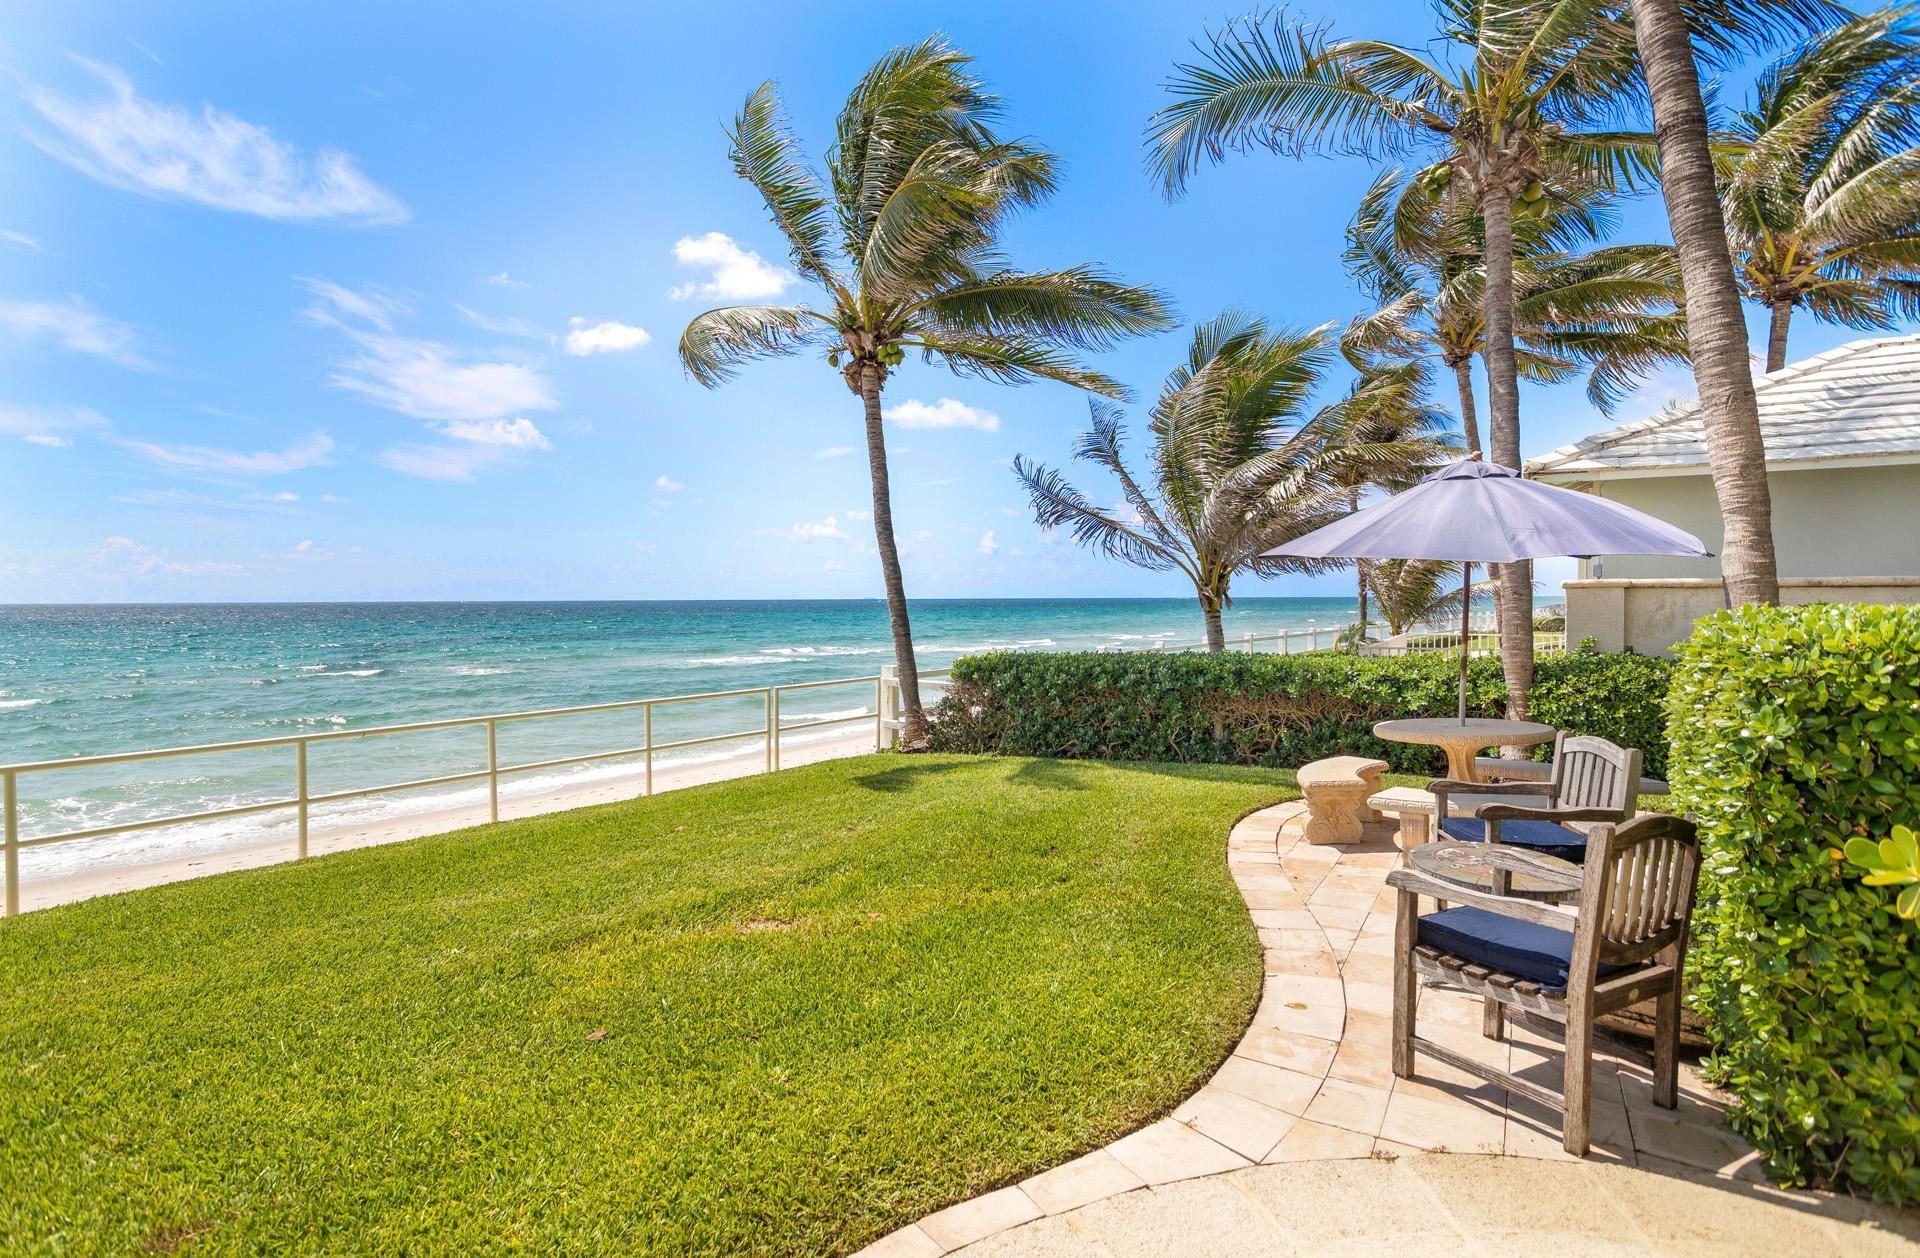 1223 Hillsboro Mile #7, Hillsboro Beach, FL 33062 - #: RX-10644528